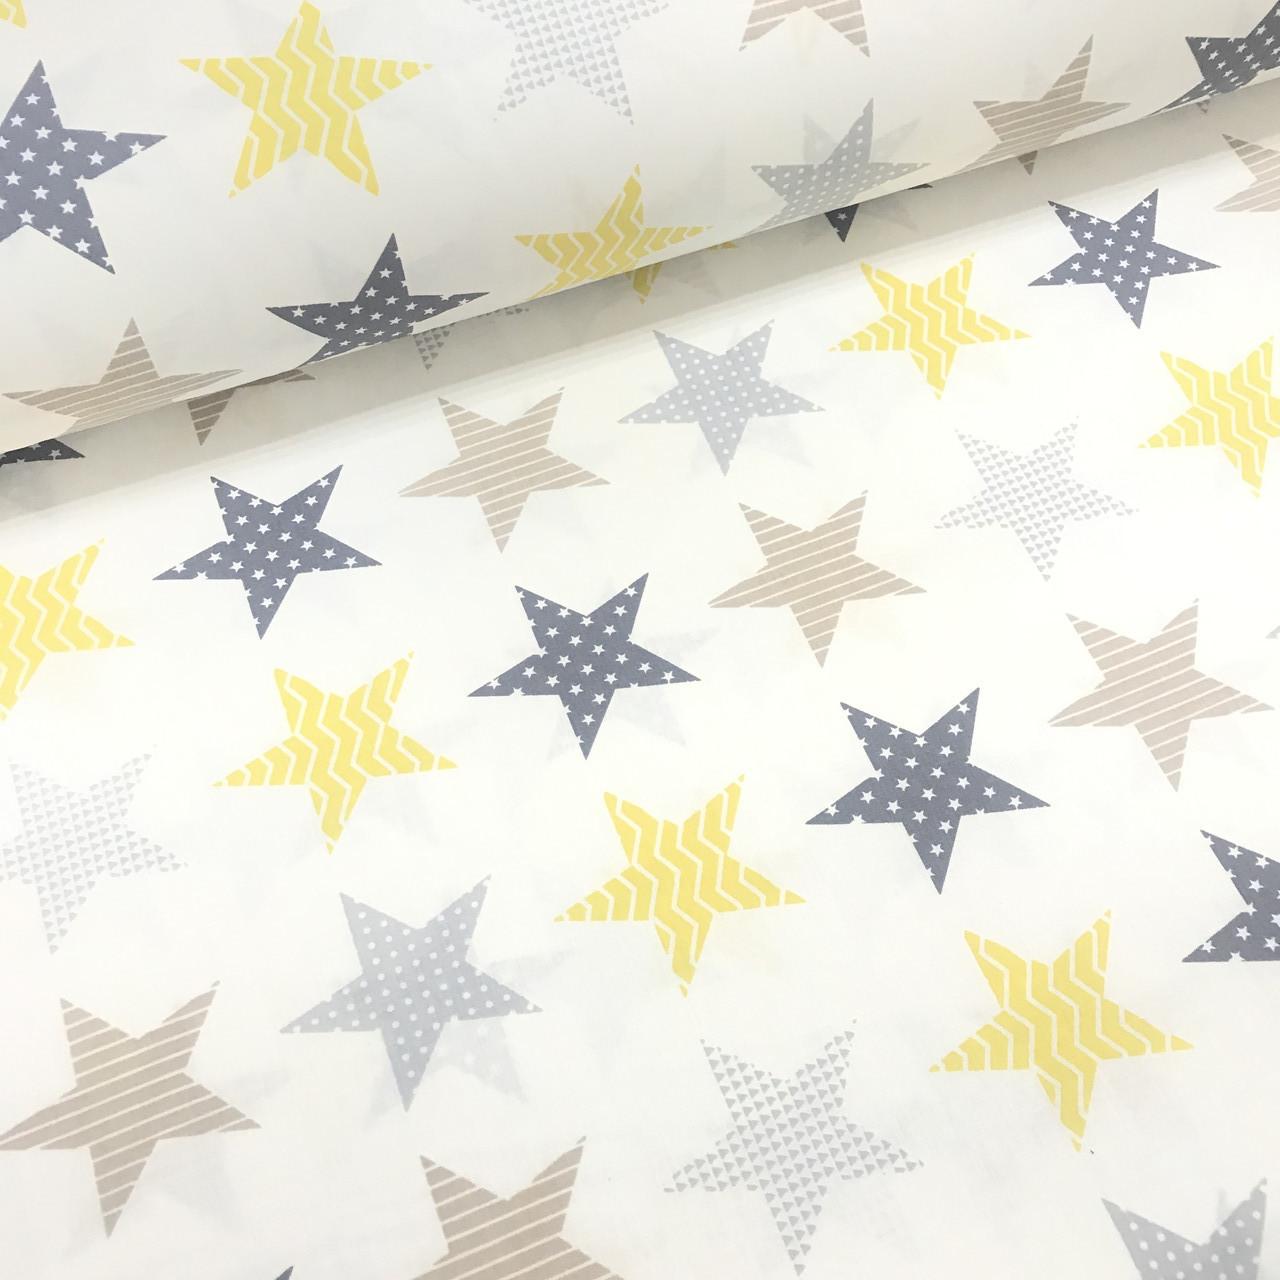 Ткань поплин звезды серо-желтые с геометрическим рисунком внутри на белом  (ТУРЦИЯ шир. 2,4 м)